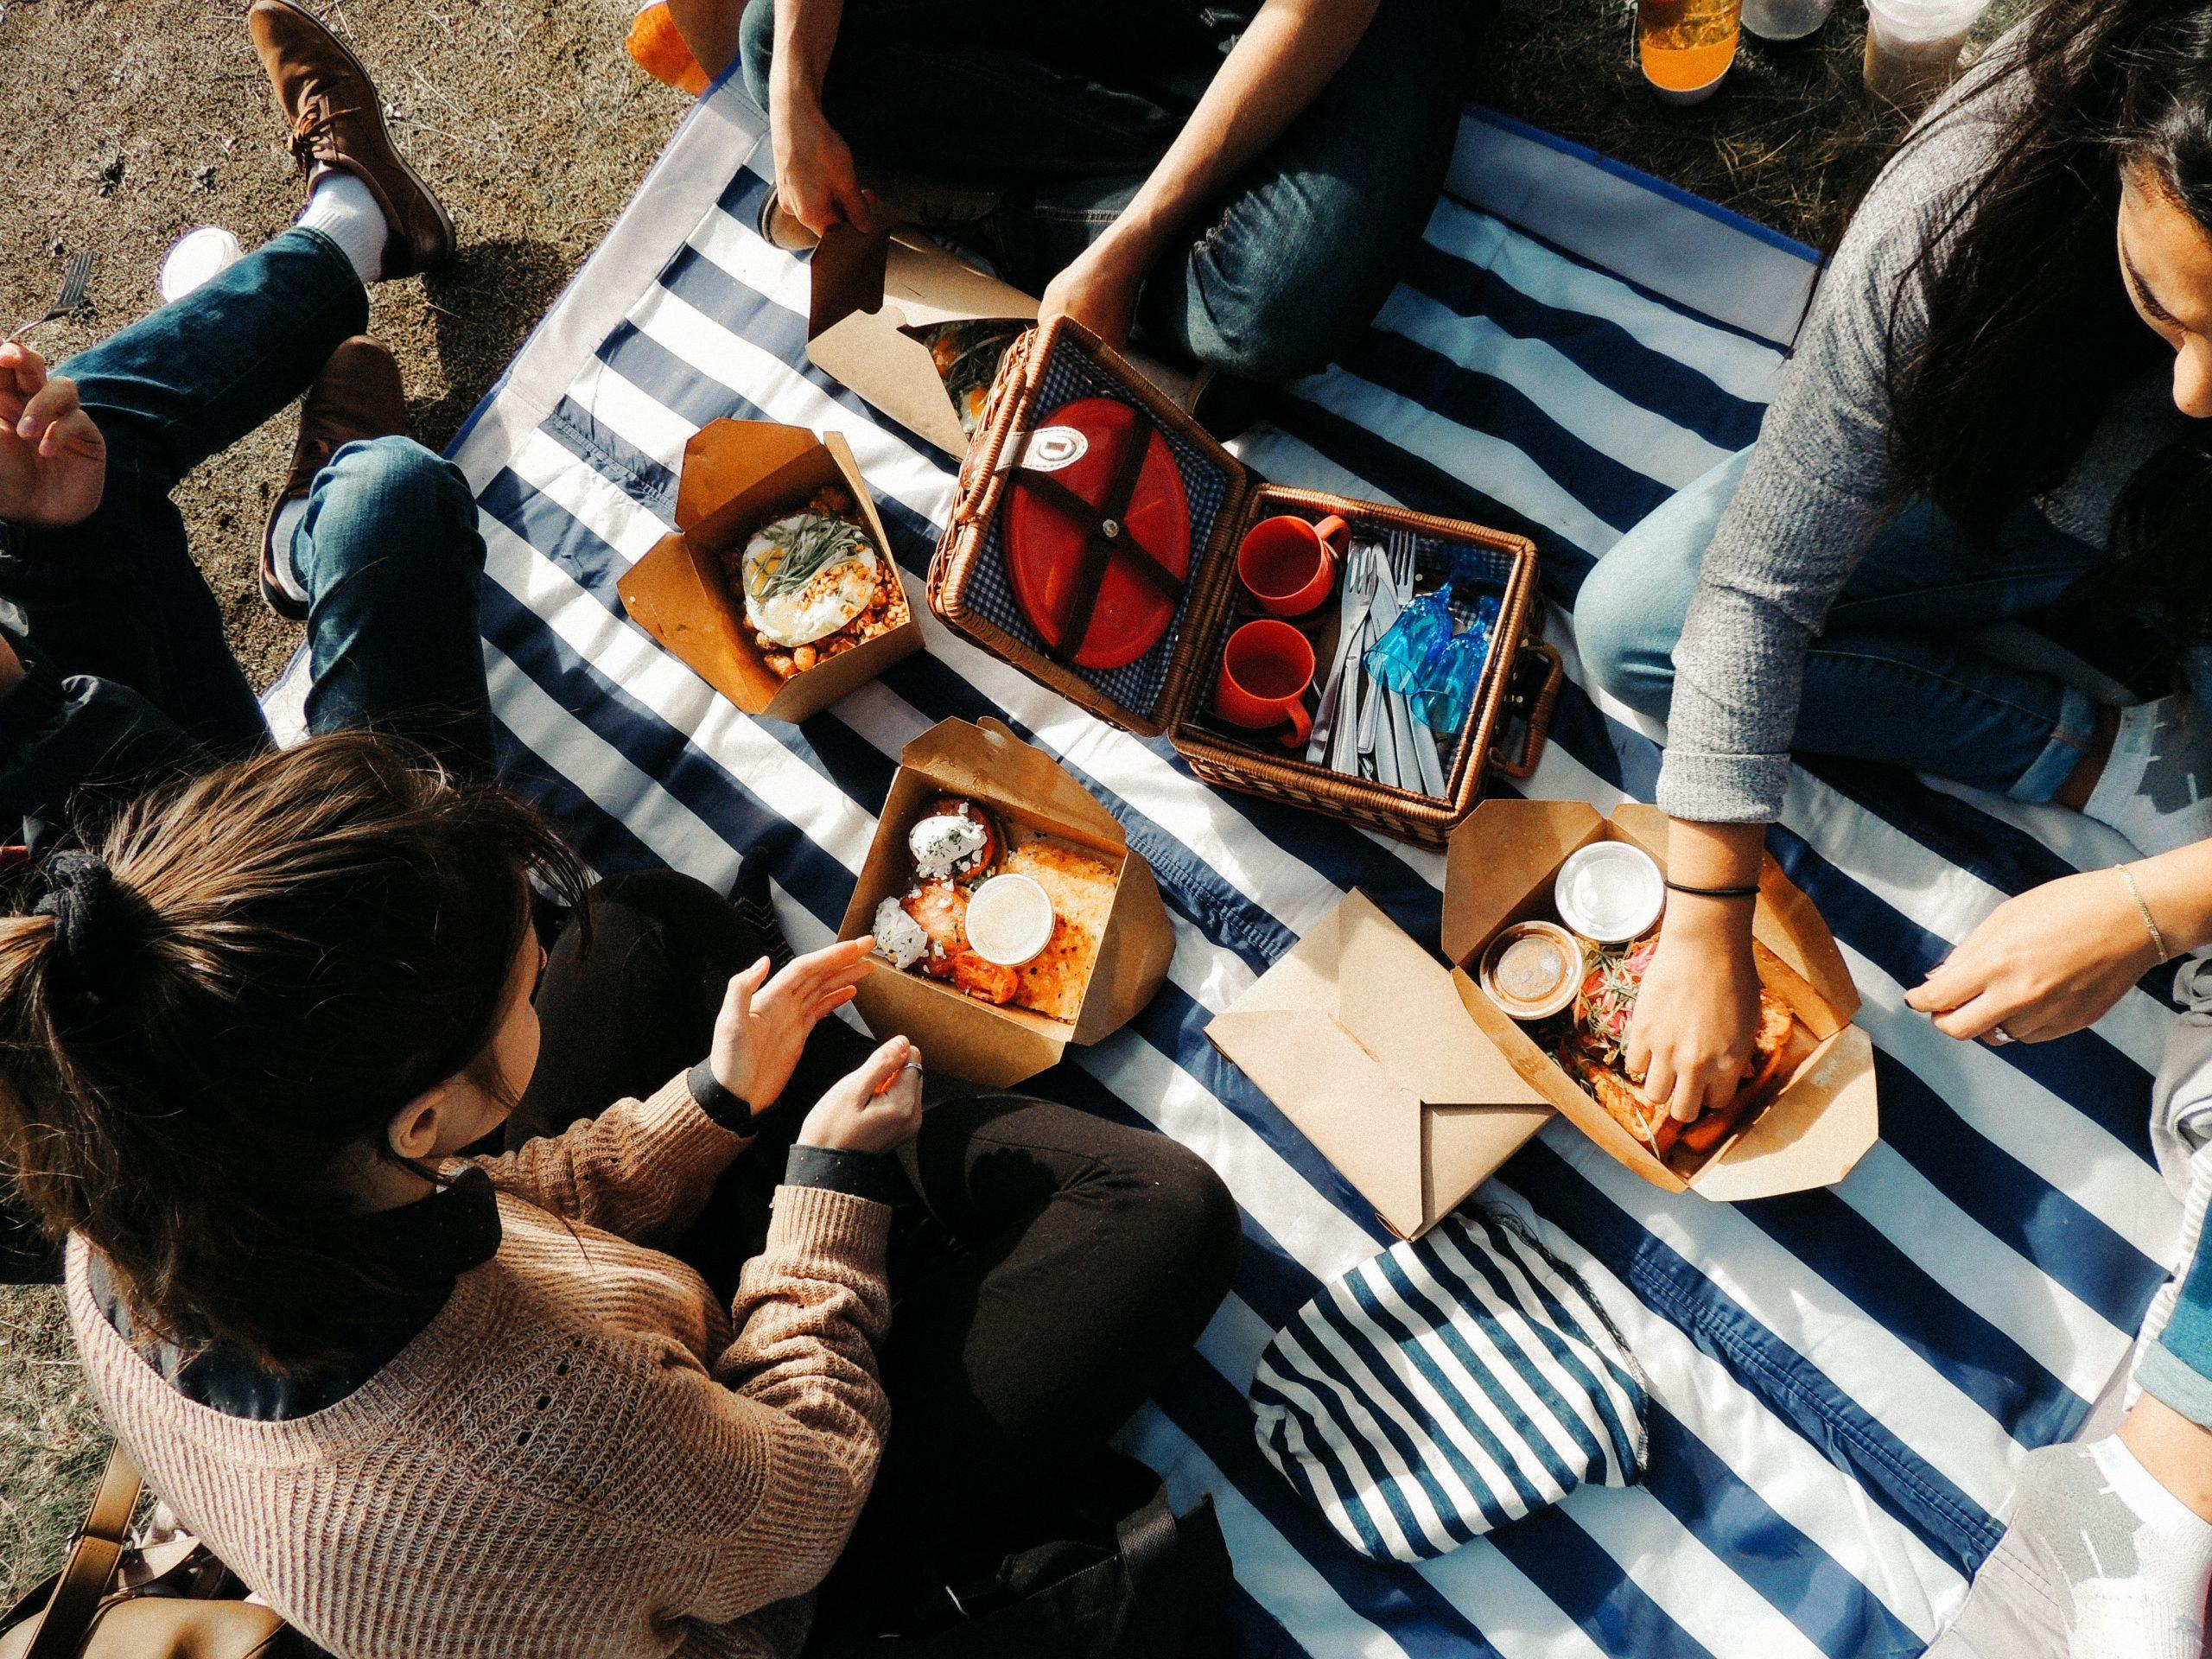 Apa Yang Dibutuhkan Waktu Piknik Saat Pandemi ?